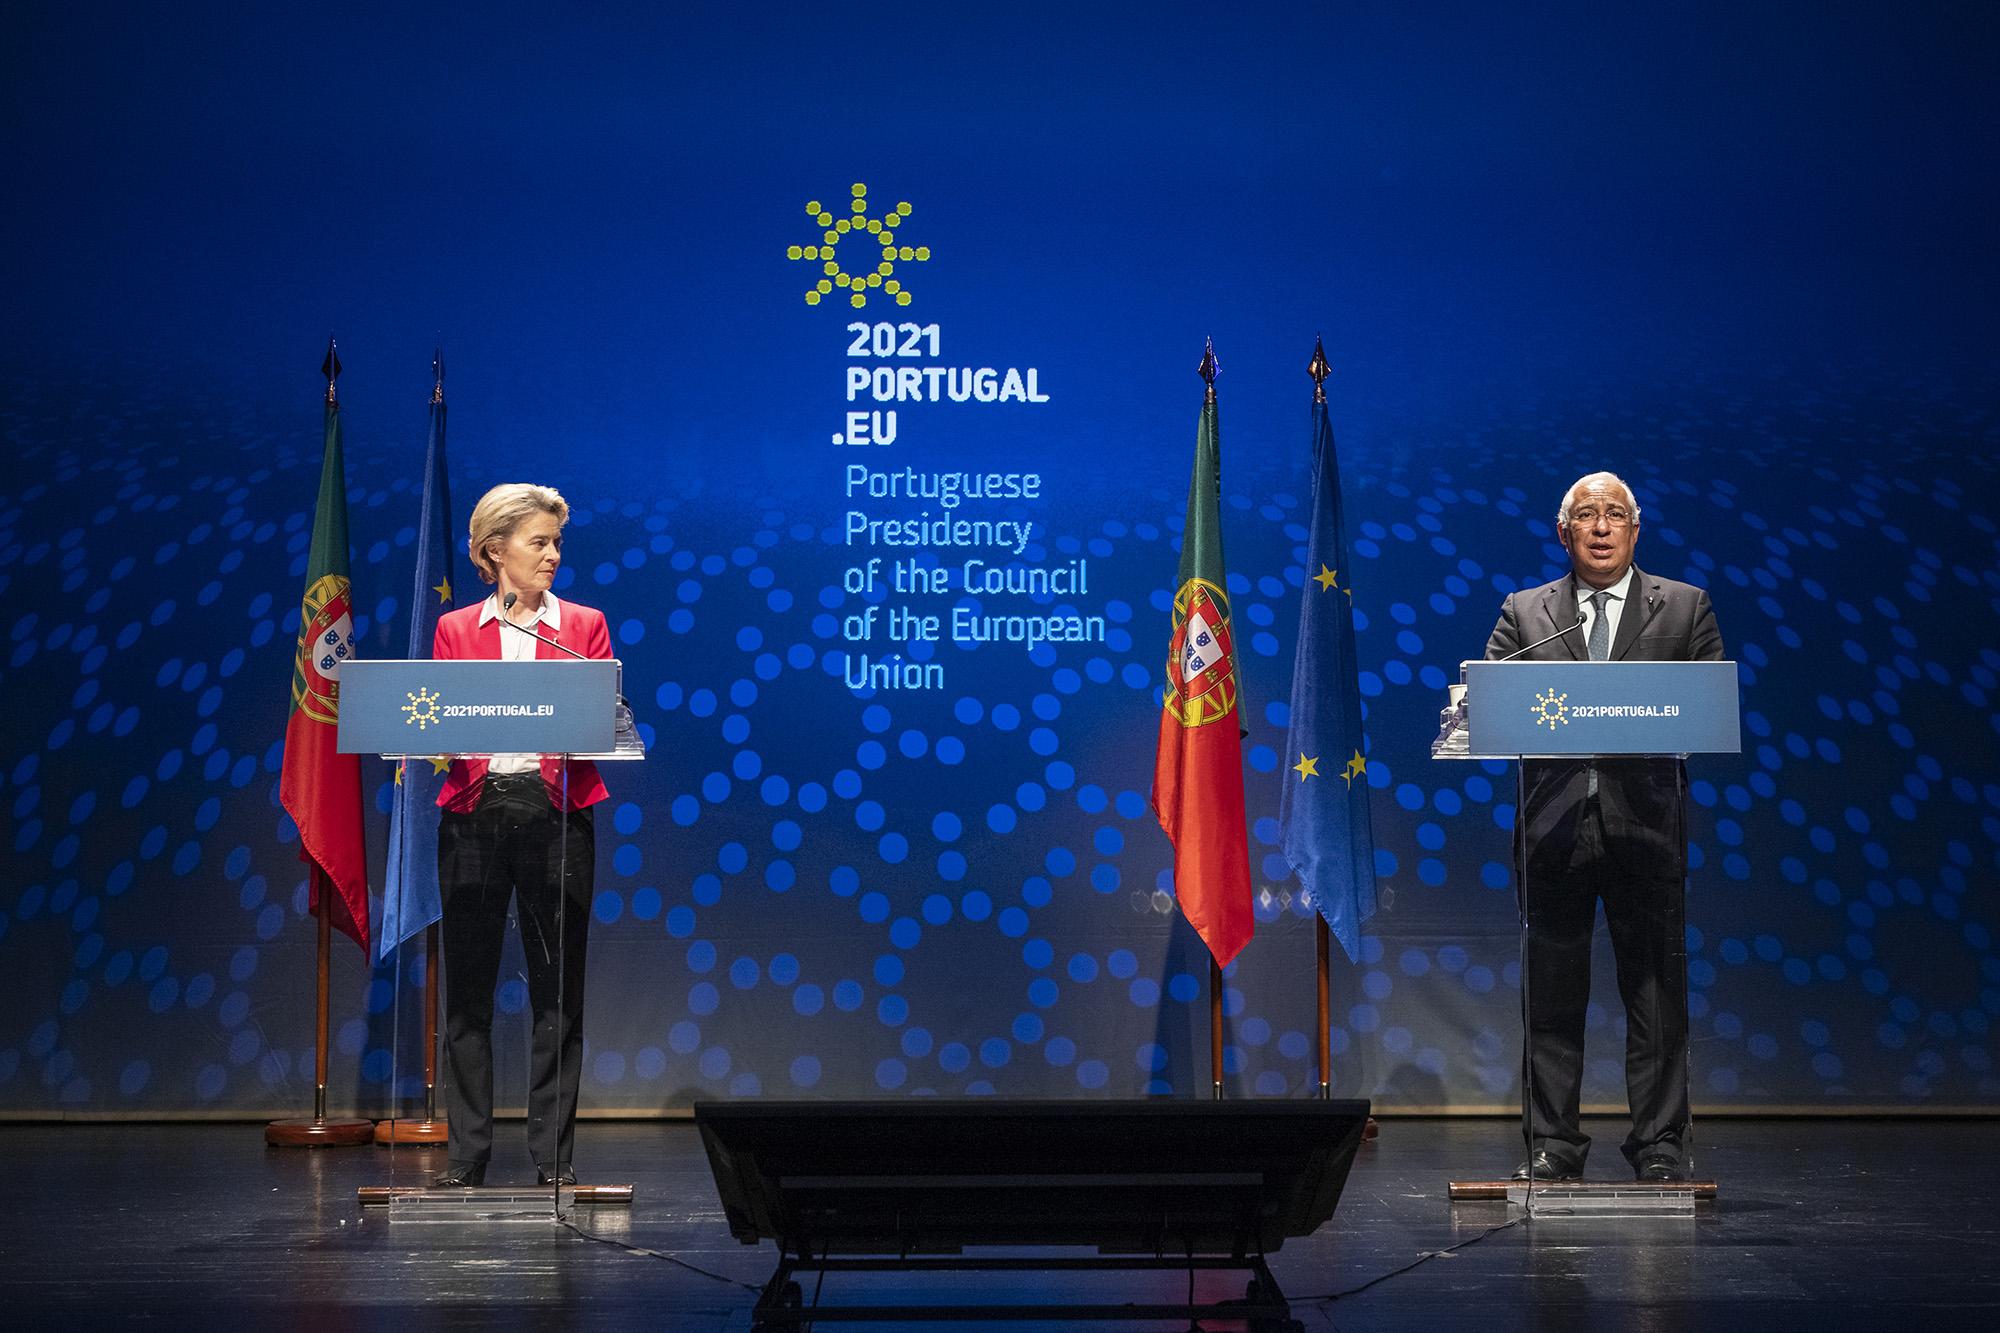 Ursula Von der Leyen visita Lisboa a propósito da Presidência do Conselho Europeu - 15JAN21